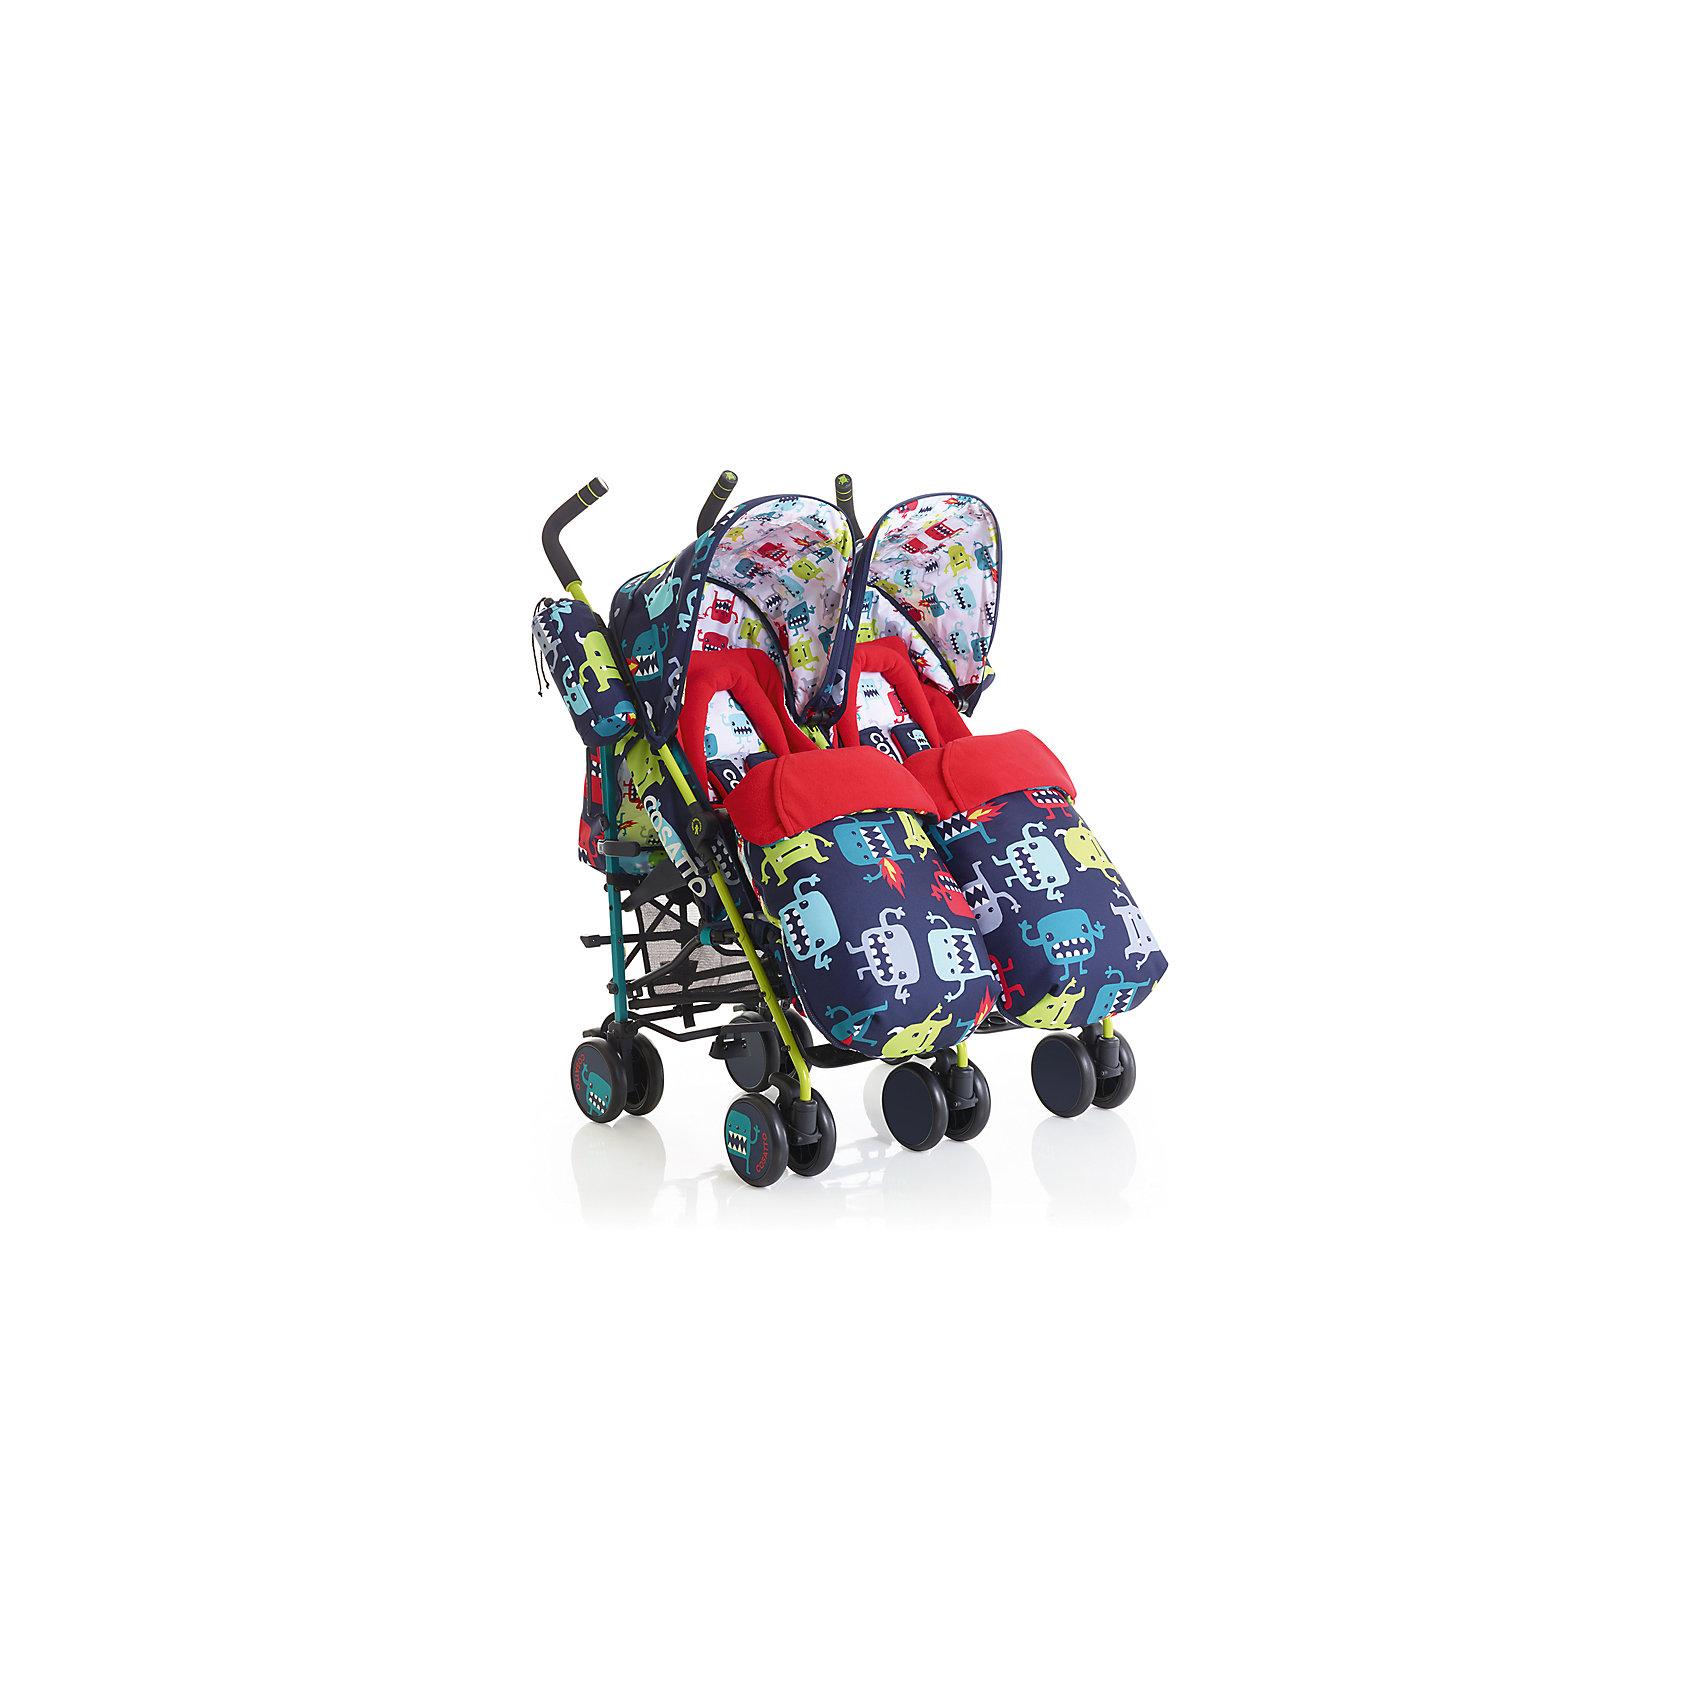 Прогулочная коляска для двойни Cosatto Supa Dupa Twin, Cuddle Monster 2Коляски для двойни<br>Модные коляски для близнецов – большая редкость. Стильная коляска станет для родителей не только незаменимой вещью, но и стильным аксессуаром. Функциональность, дизайн и маневренность – все это – новая модель от Cosatto. Все материалы, использованные при изготовлении, безопасны и отвечают требованиям по качеству продукции.<br><br>Дополнительные характеристики: <br><br>цвет: Cuddle Monster 2;<br>возраст: 6 месяцев – 3 года;<br>регулируемый капюшон;<br>механизм складывания: трость;<br>регулировка спинки;<br>ножной тормоз;<br>пятиточечные ремни безопасности;<br>габариты: 70 х 72 х 103 см;<br>материал шасси: алюминий;<br>материал блока: текстиль, пластик;<br>комплектация: блок для прогулок, складывающиеся шасси, корзина для хранения, подголовник, подстаканник, защита от дождя и солнца, регулируемая ручка, конверт - муфта.<br><br>Прогулочную коляску для двойни SUPA DUPA TWIN от компании Cosatto можно приобрести в нашем магазине.<br><br>Ширина мм: 1070<br>Глубина мм: 450<br>Высота мм: 300<br>Вес г: 19000<br>Возраст от месяцев: 6<br>Возраст до месяцев: 36<br>Пол: Унисекс<br>Возраст: Детский<br>SKU: 5025719